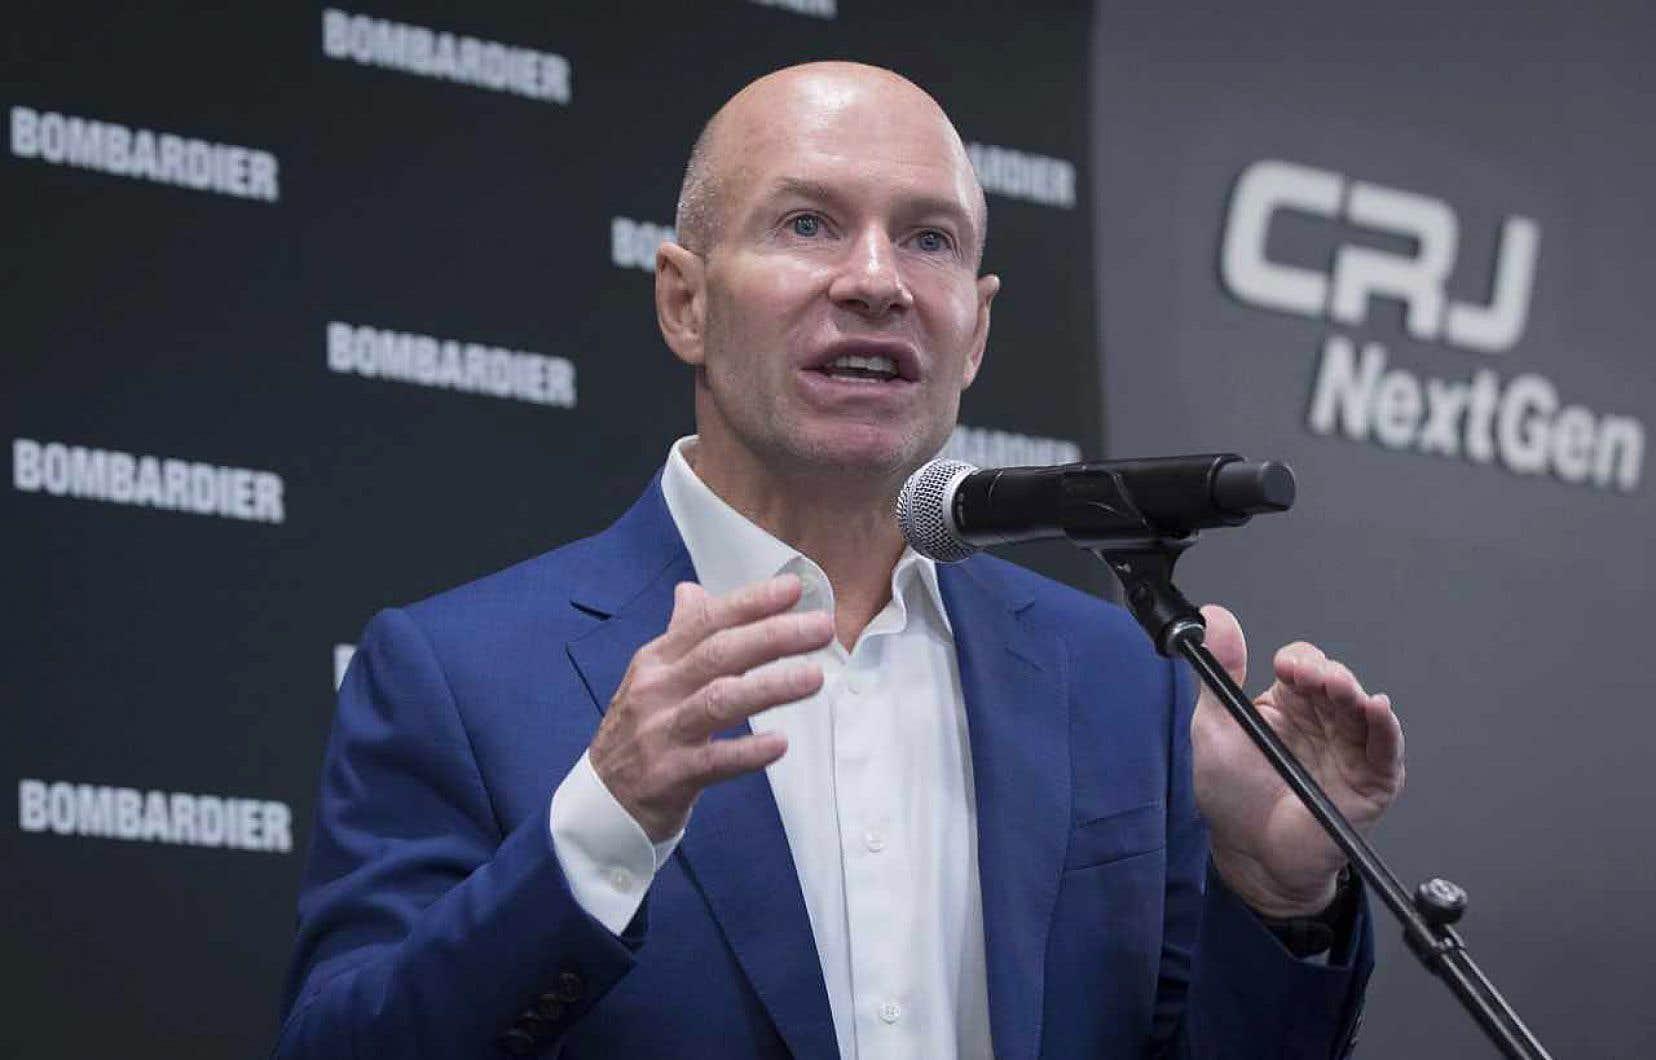 Environ 400 personnes devront se chercher un nouvel emploi en raison de la vente du programme d'avions régionaux CRJ, a indiqué le président de Bombardier, Alain Bellemare, mardi, en conférence de presse à Mirabel.